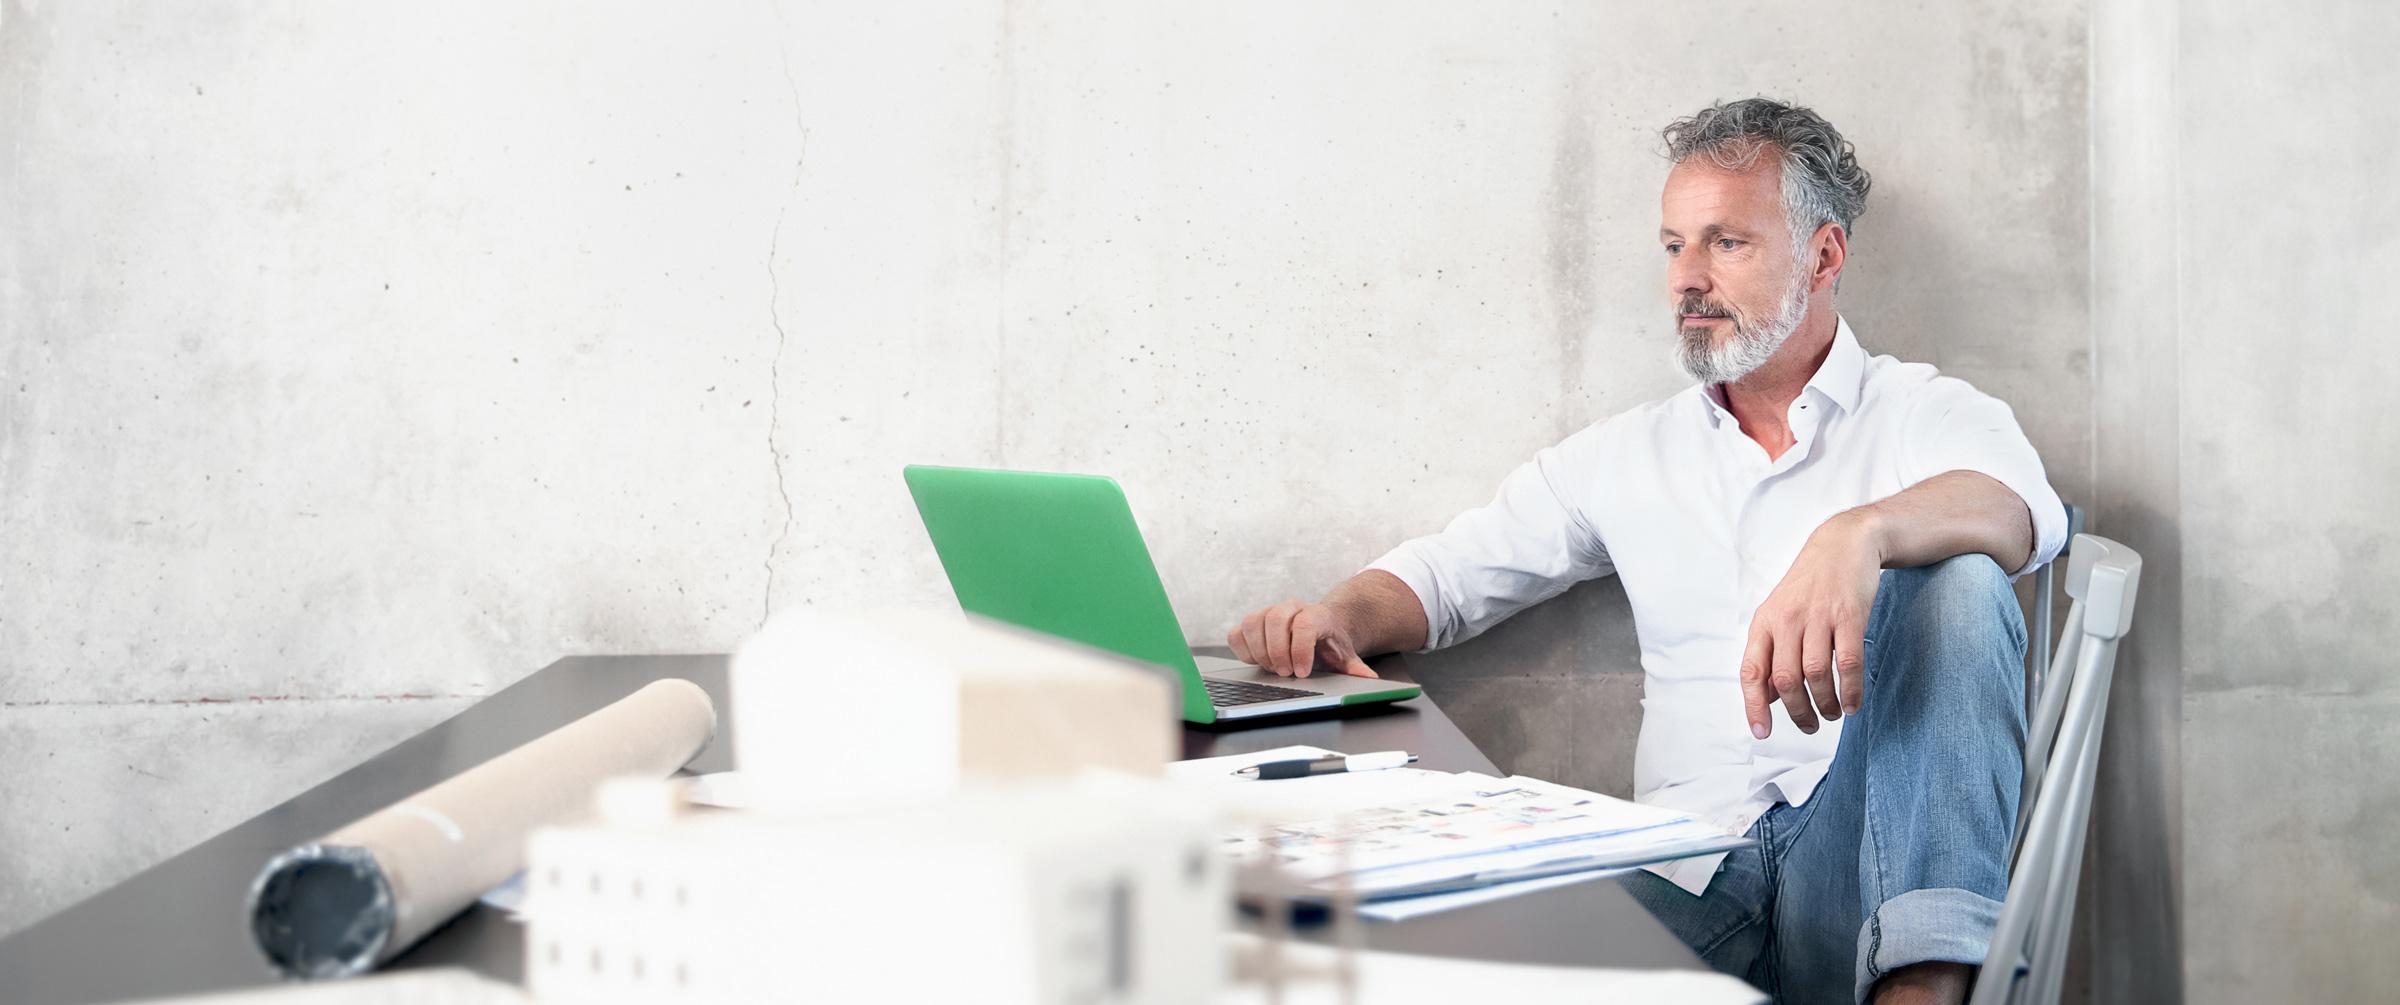 Succesvol online beleggen begint bij de juiste broker